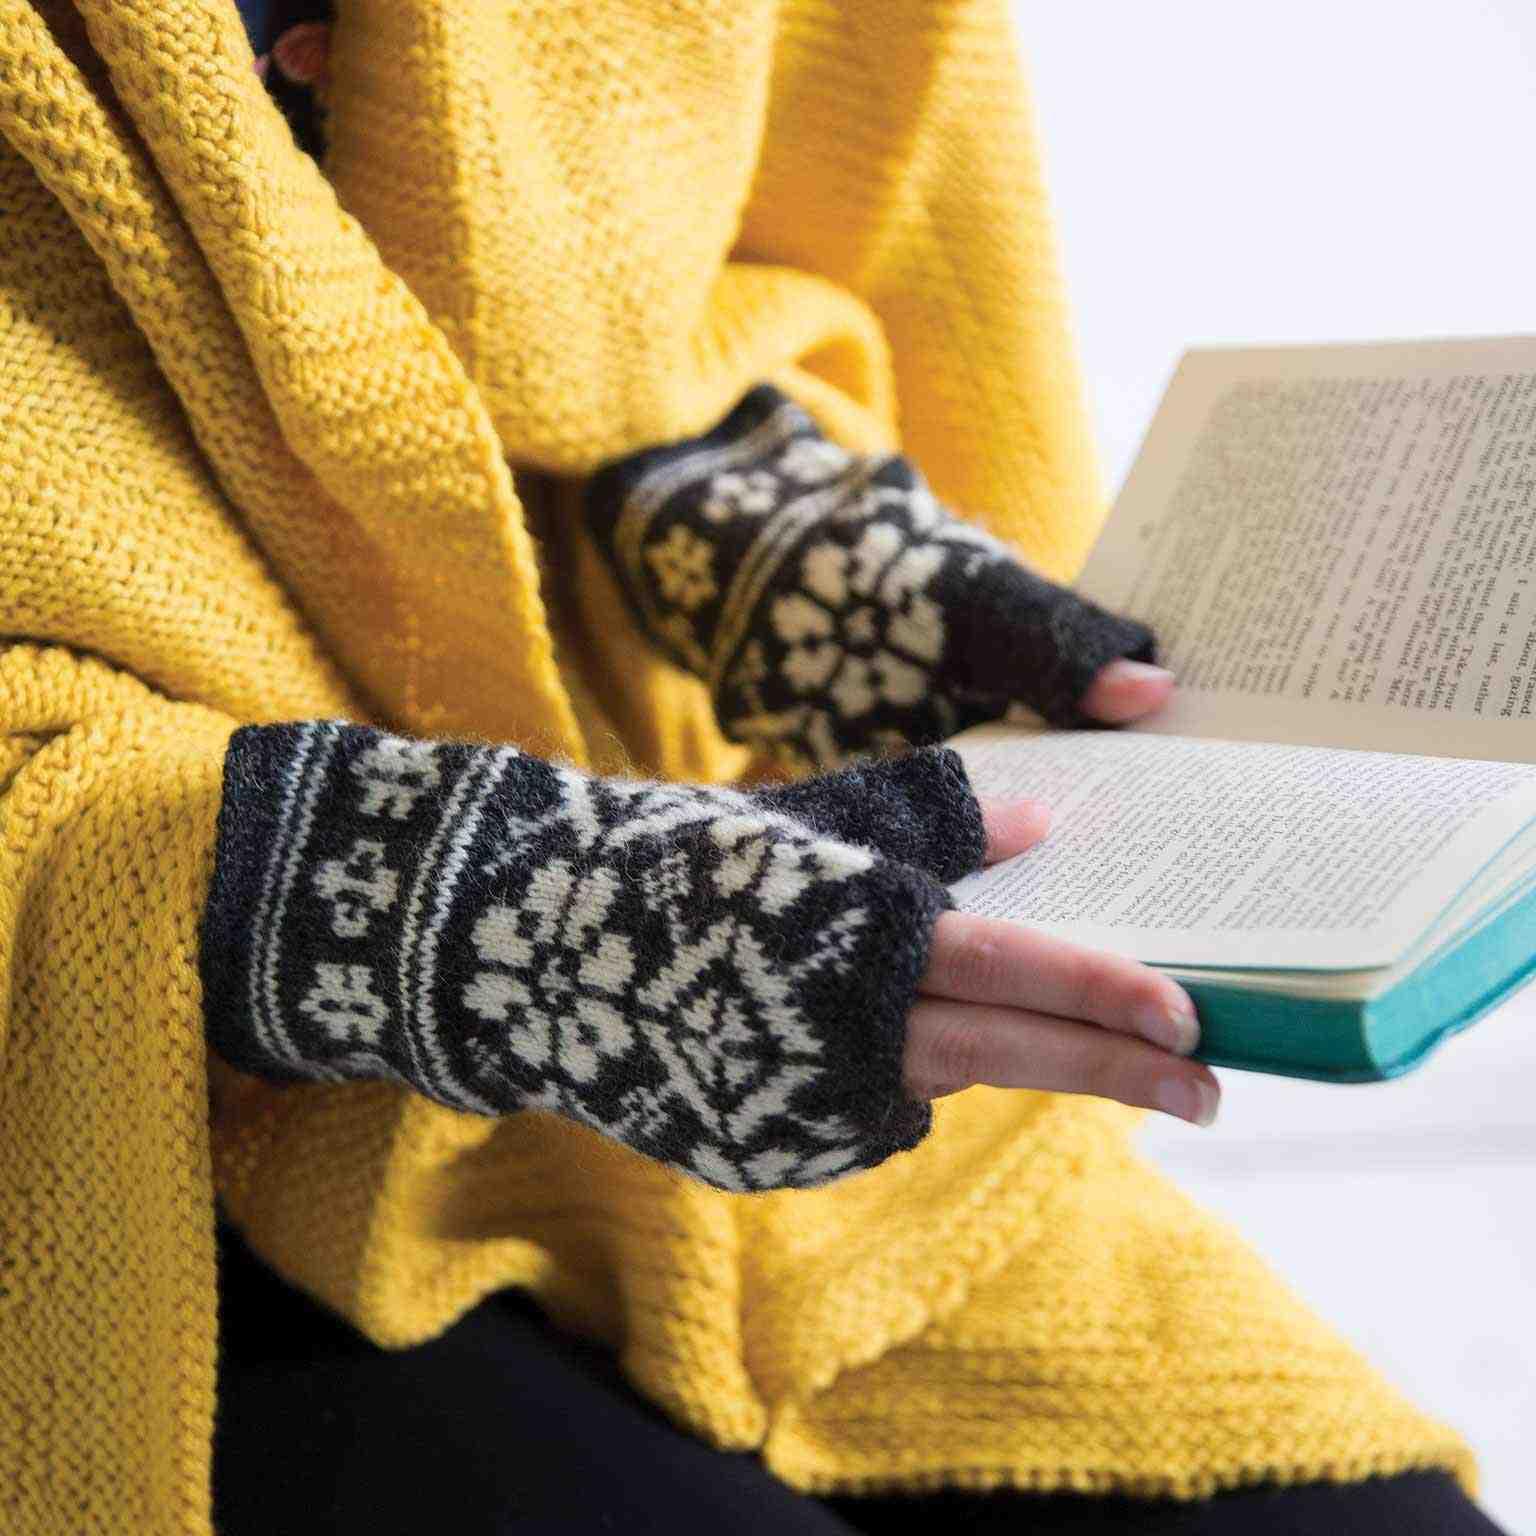 Comment tricoter des mitaines facilement?